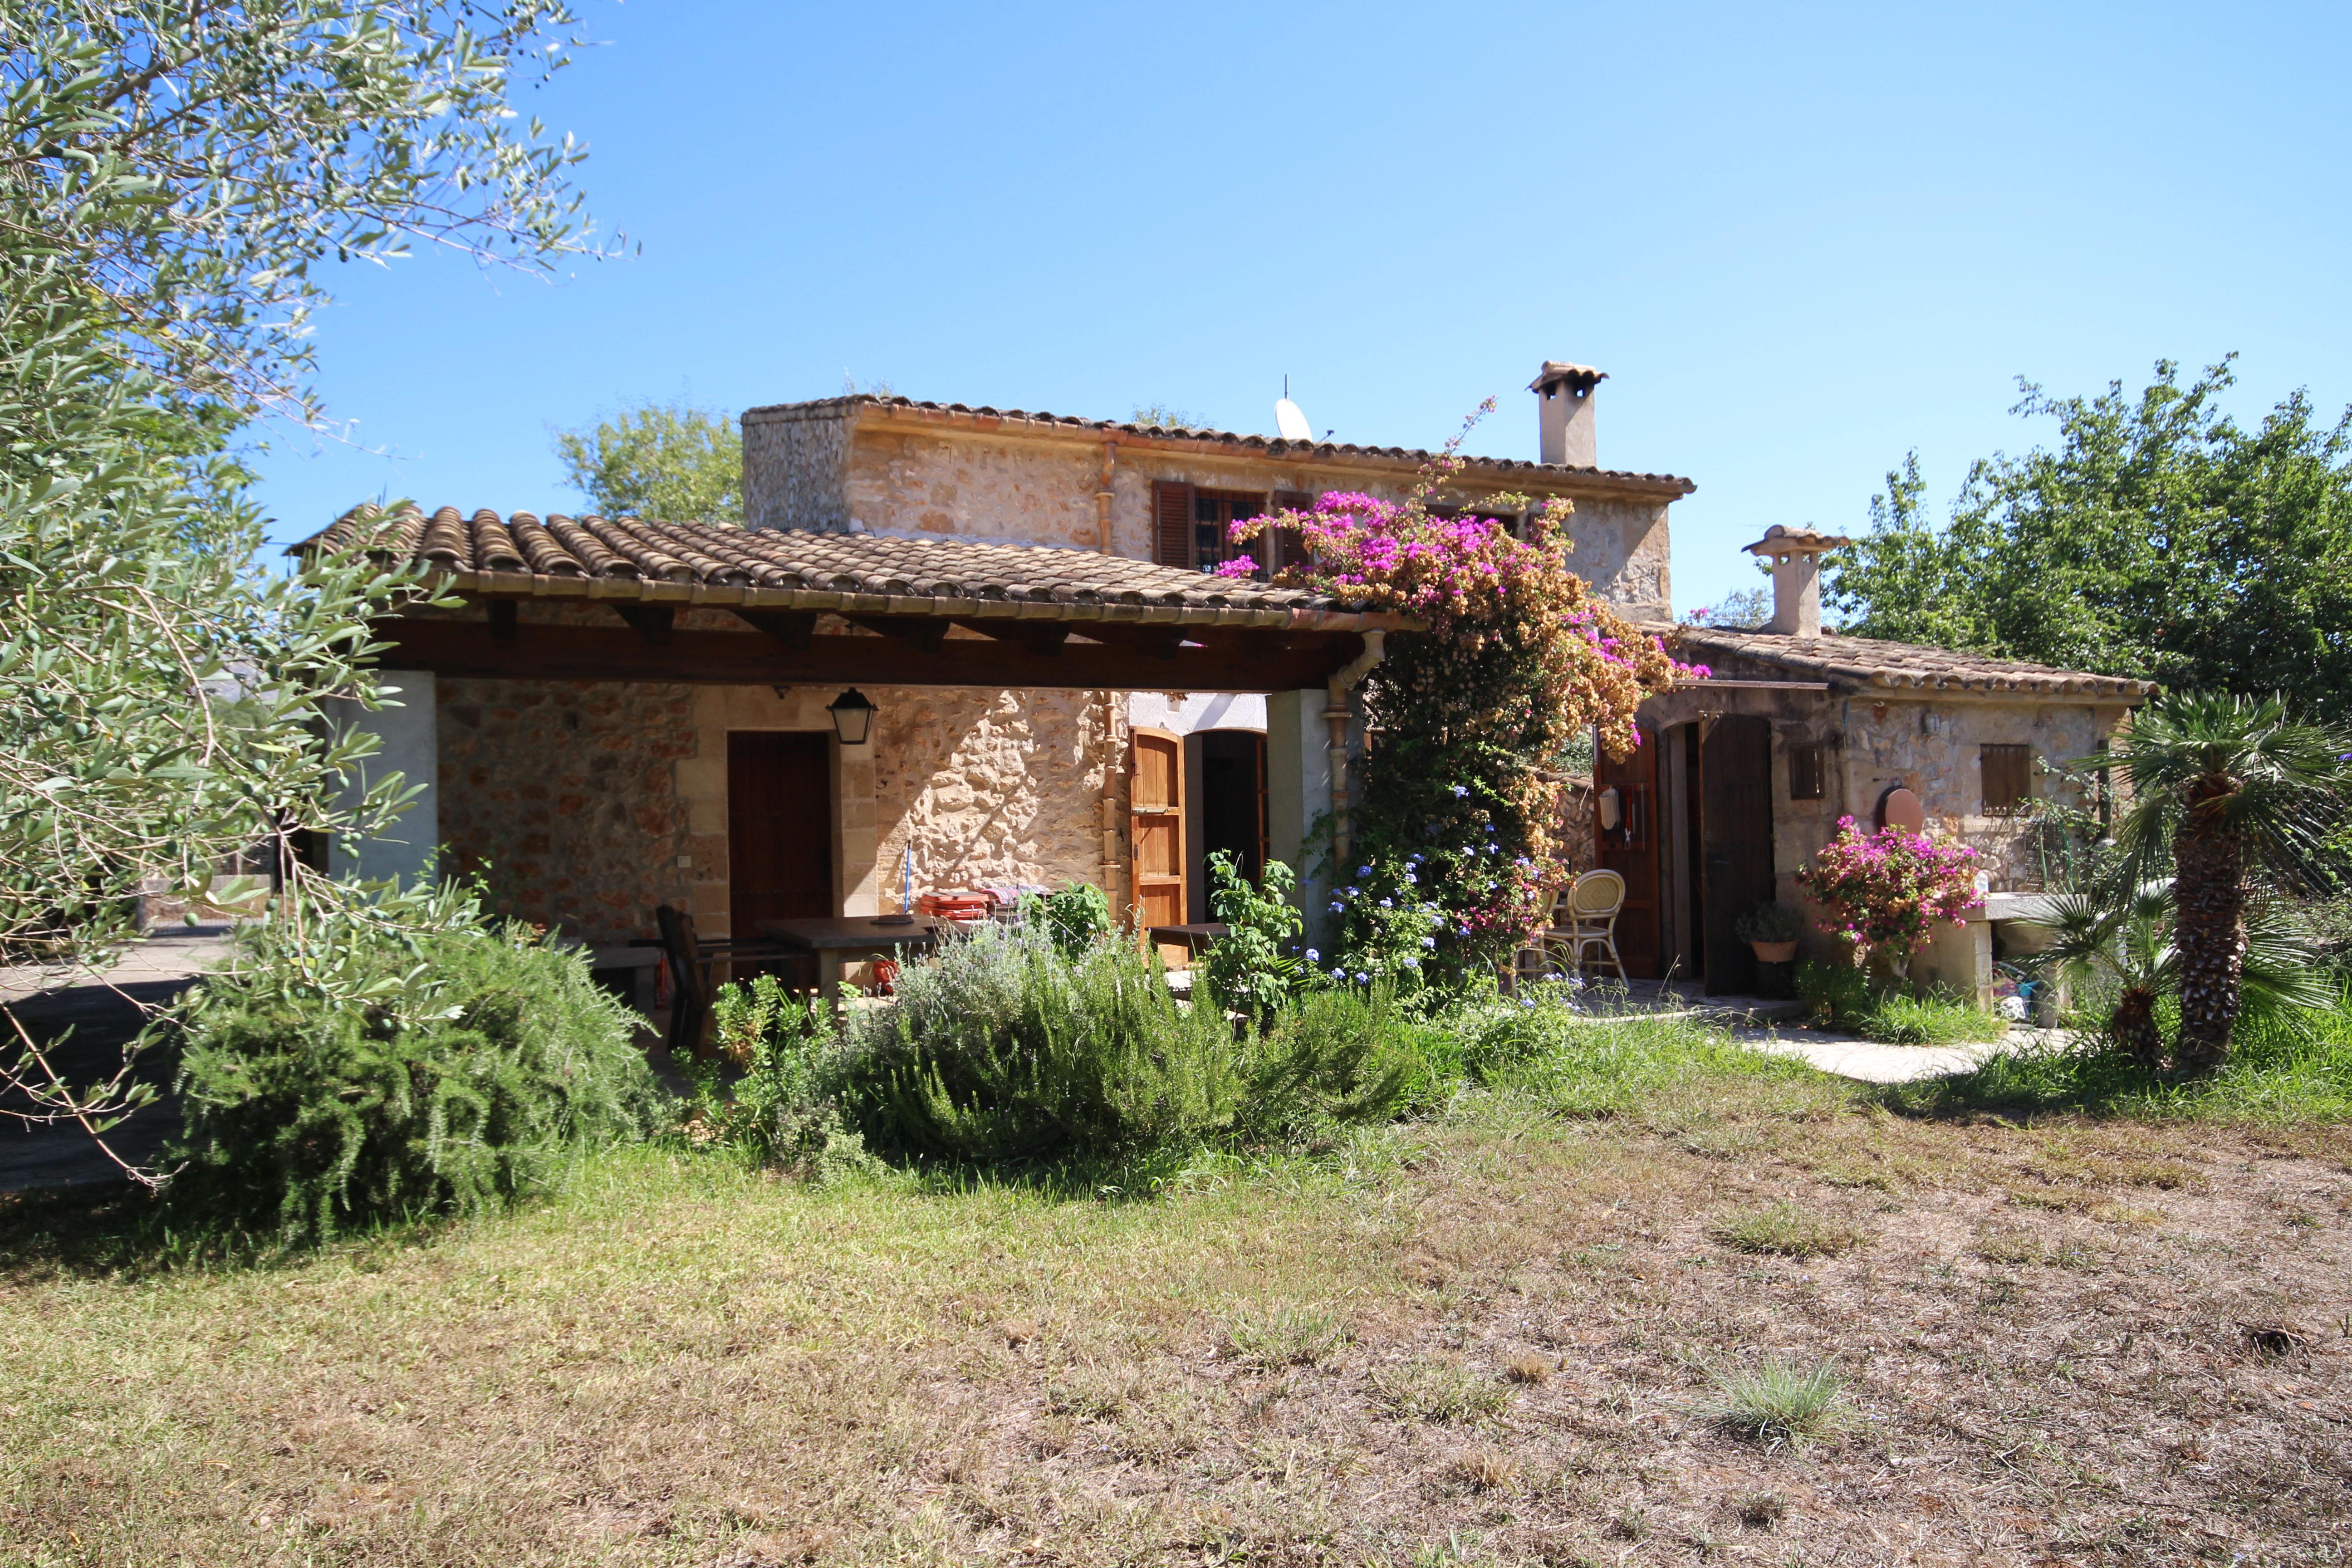 Rustica Casita de campo en Pollensa, Mallorca: Propiedades en Venta de Prime Mallorca Properties